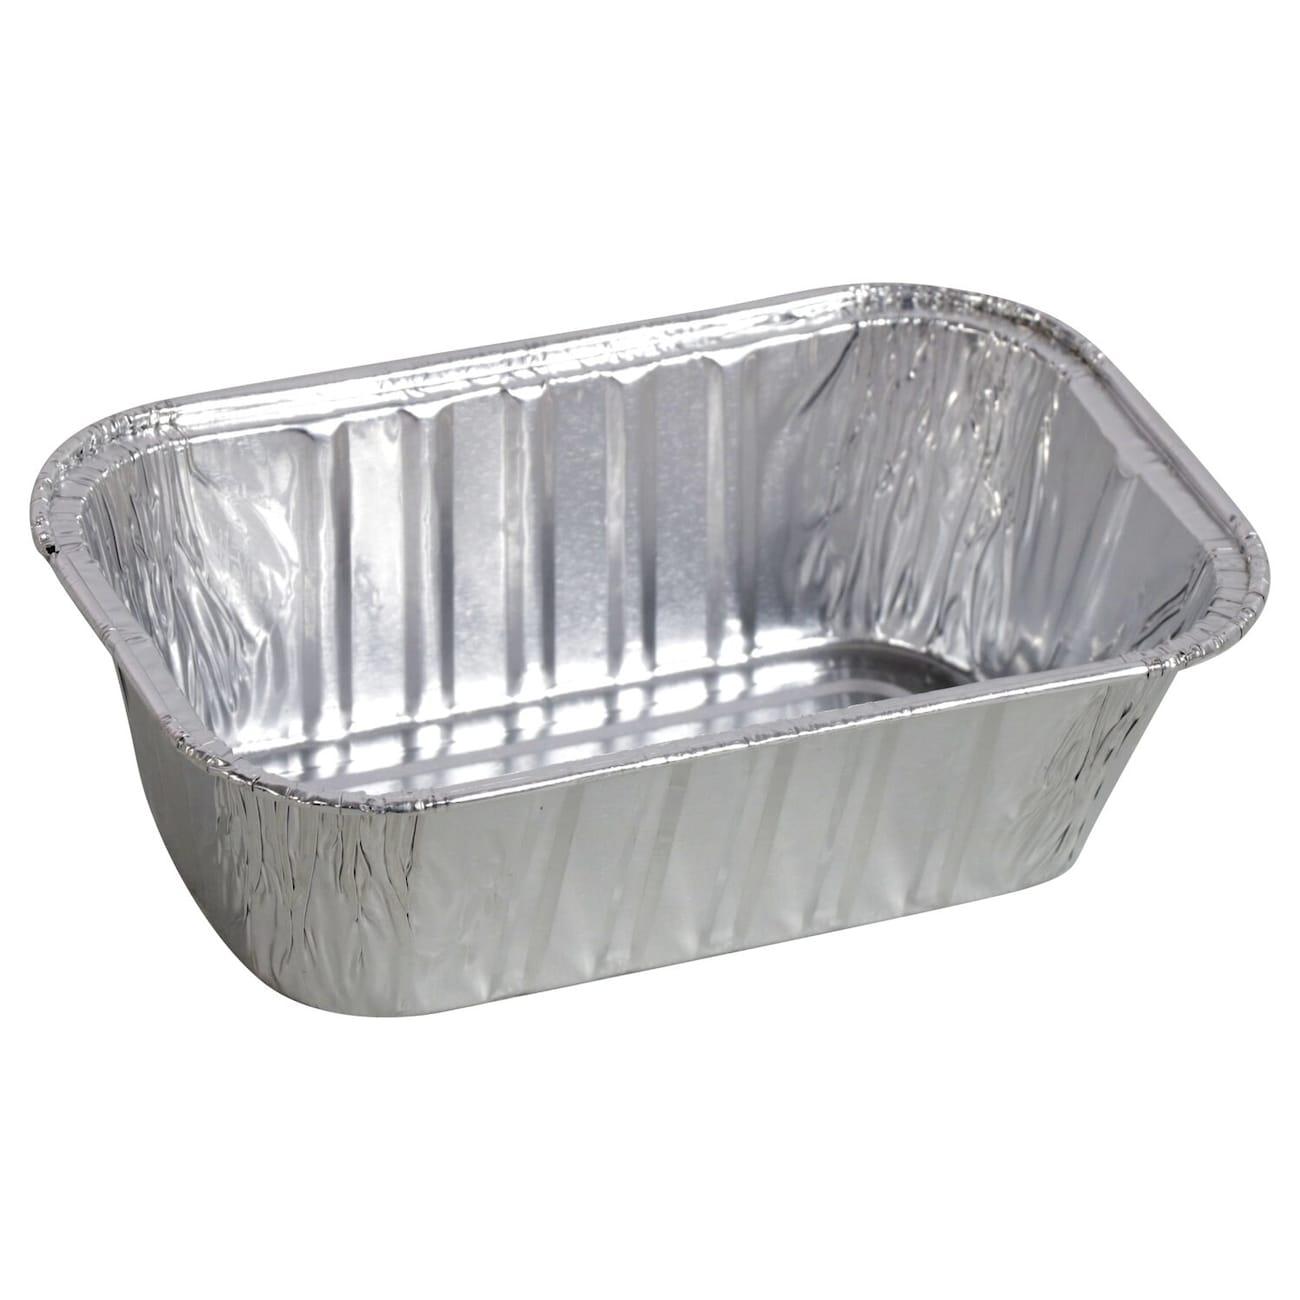 Foil Baking Pans